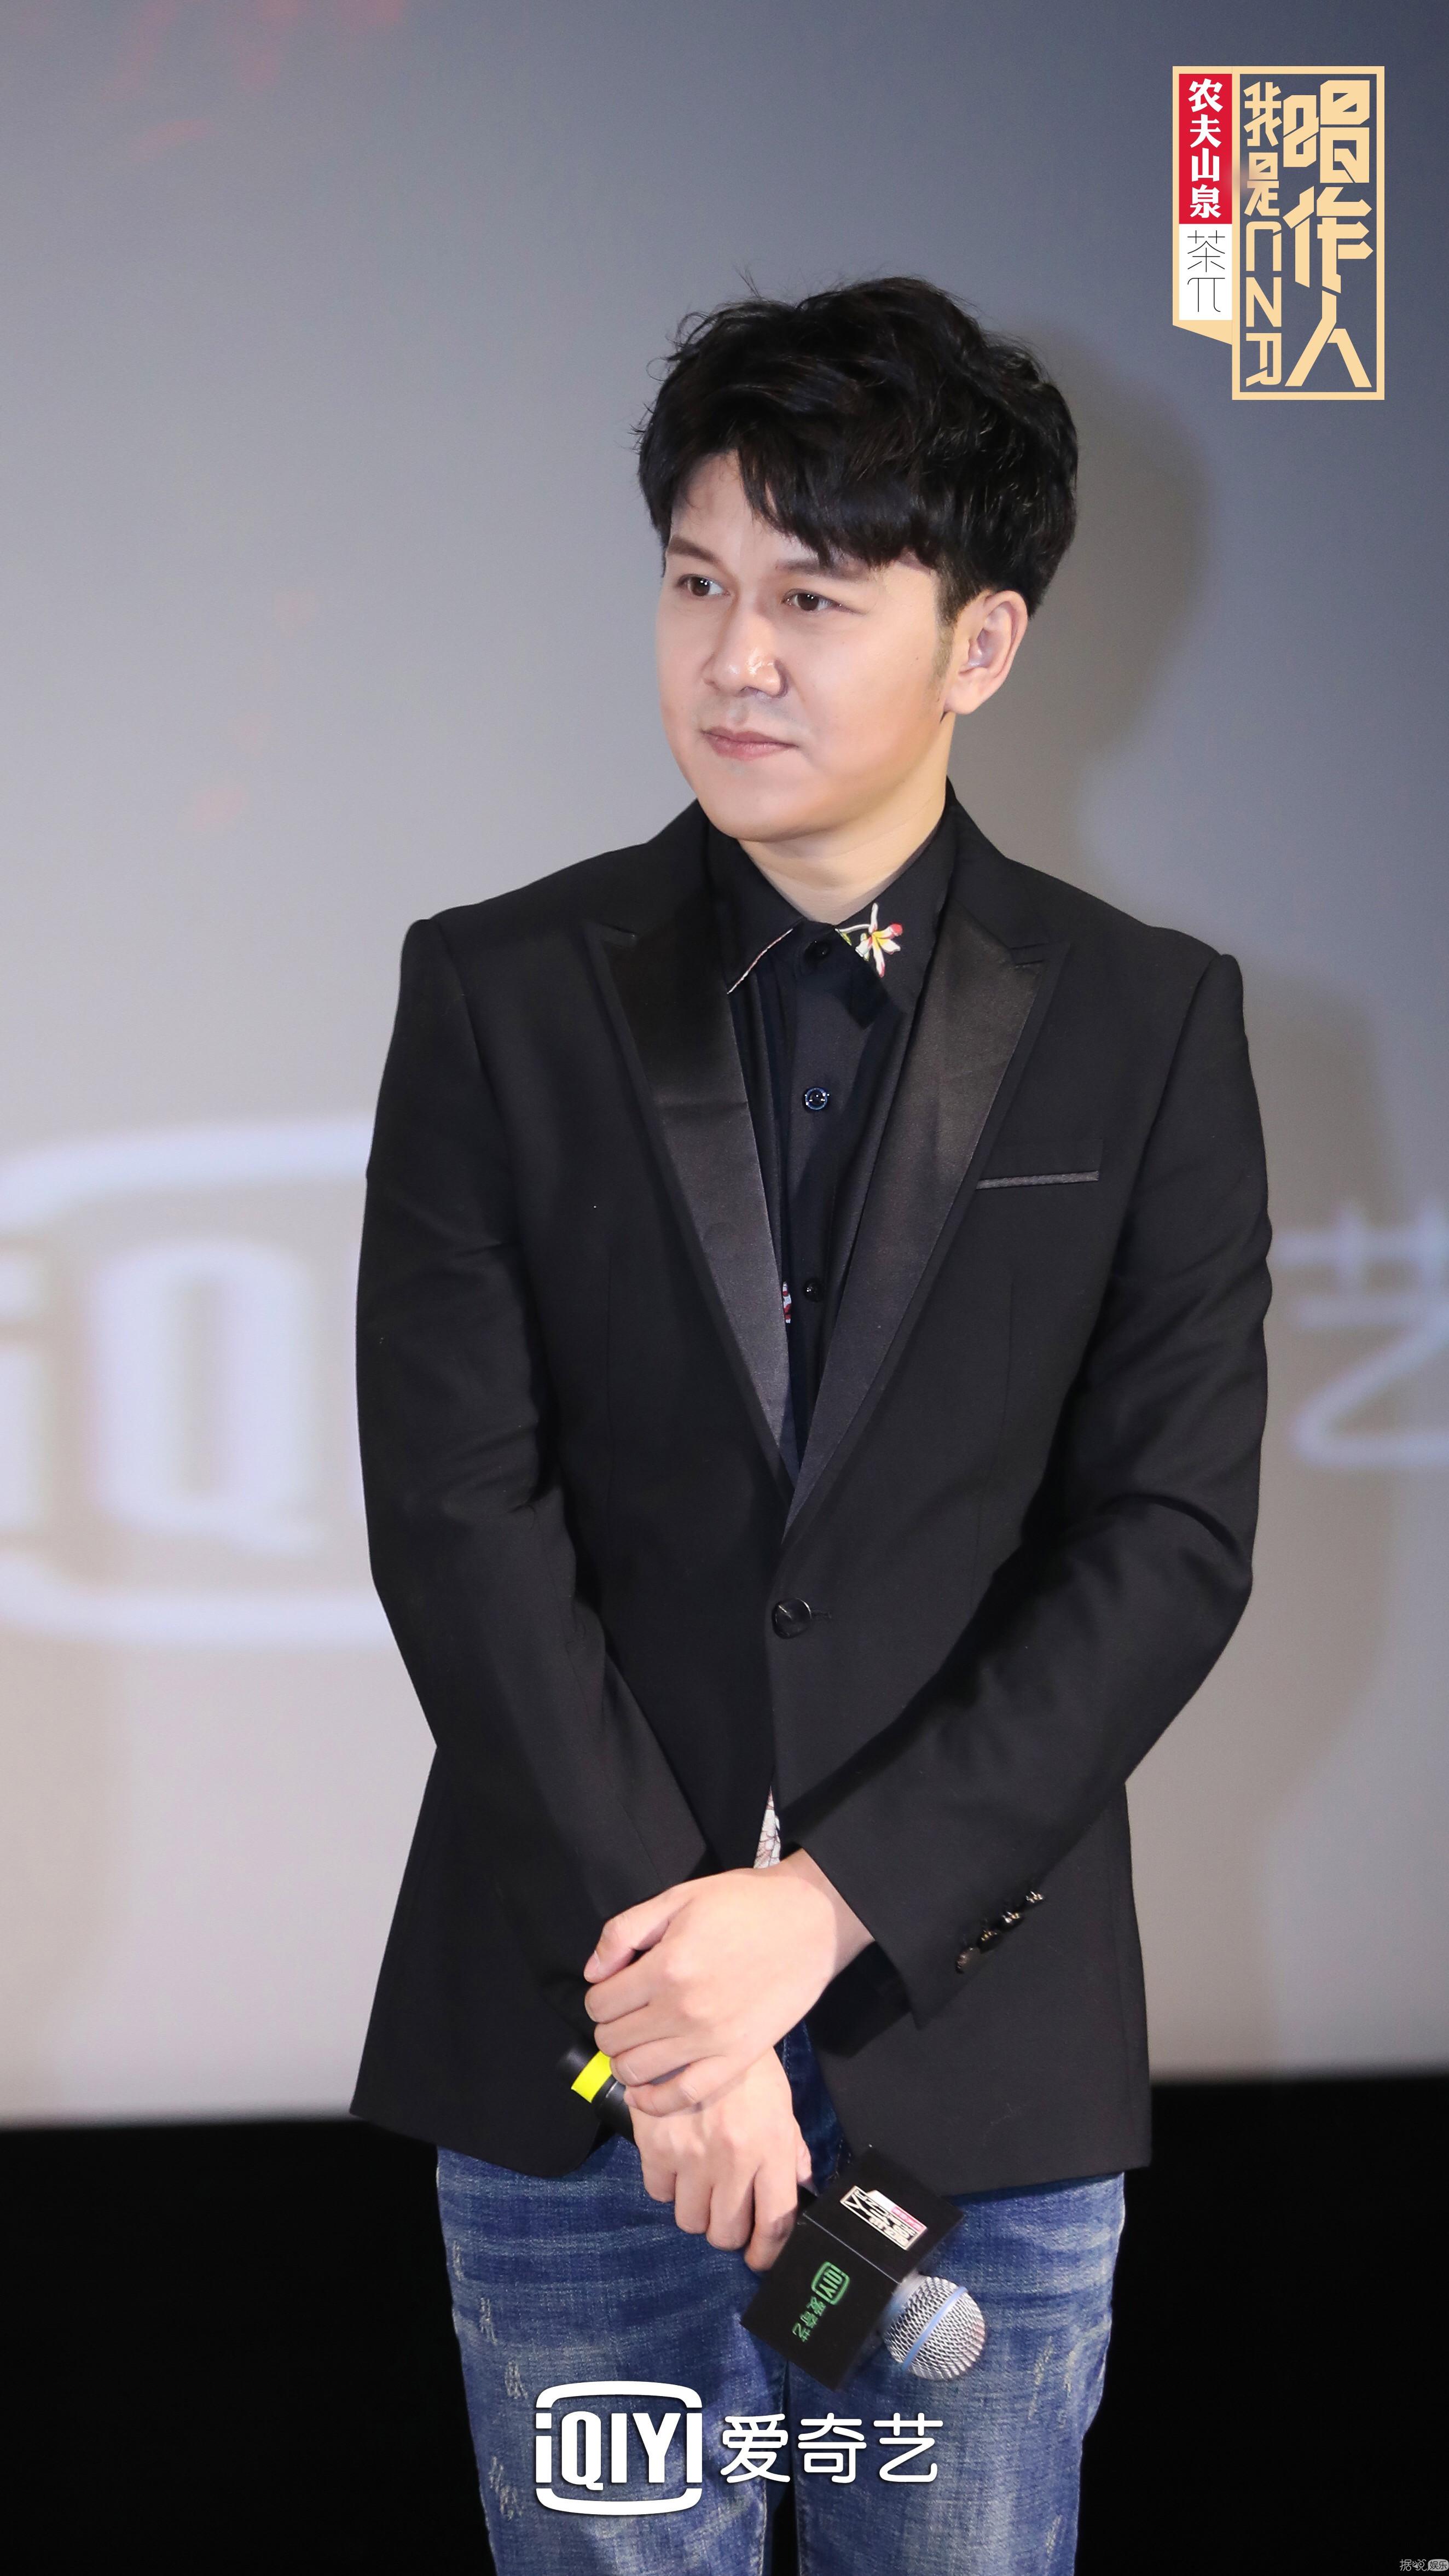 《我是唱作人》定档4月12日!热狗现场点评王源Rap